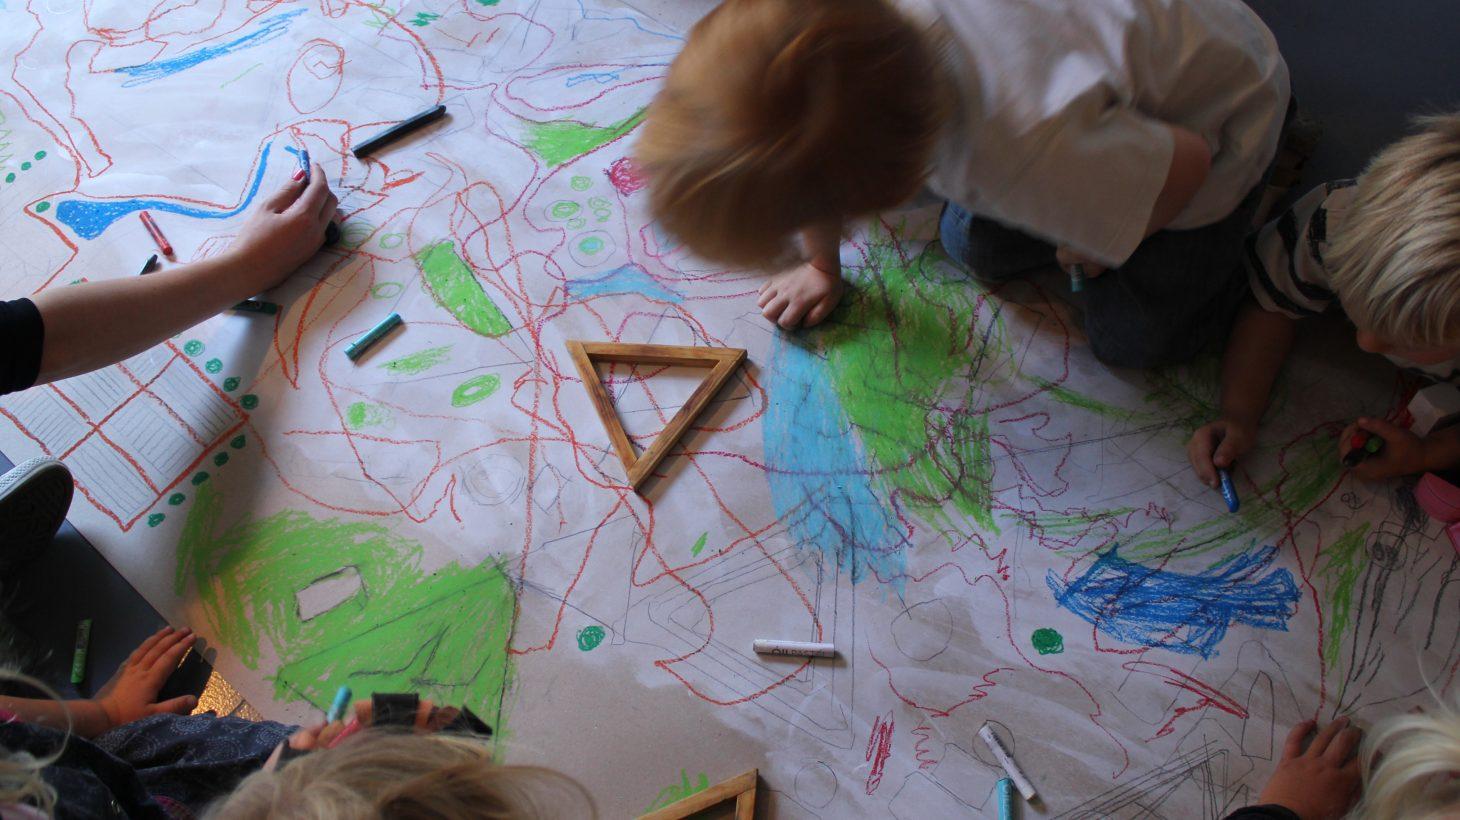 Barm målar på stort papper på golvet.